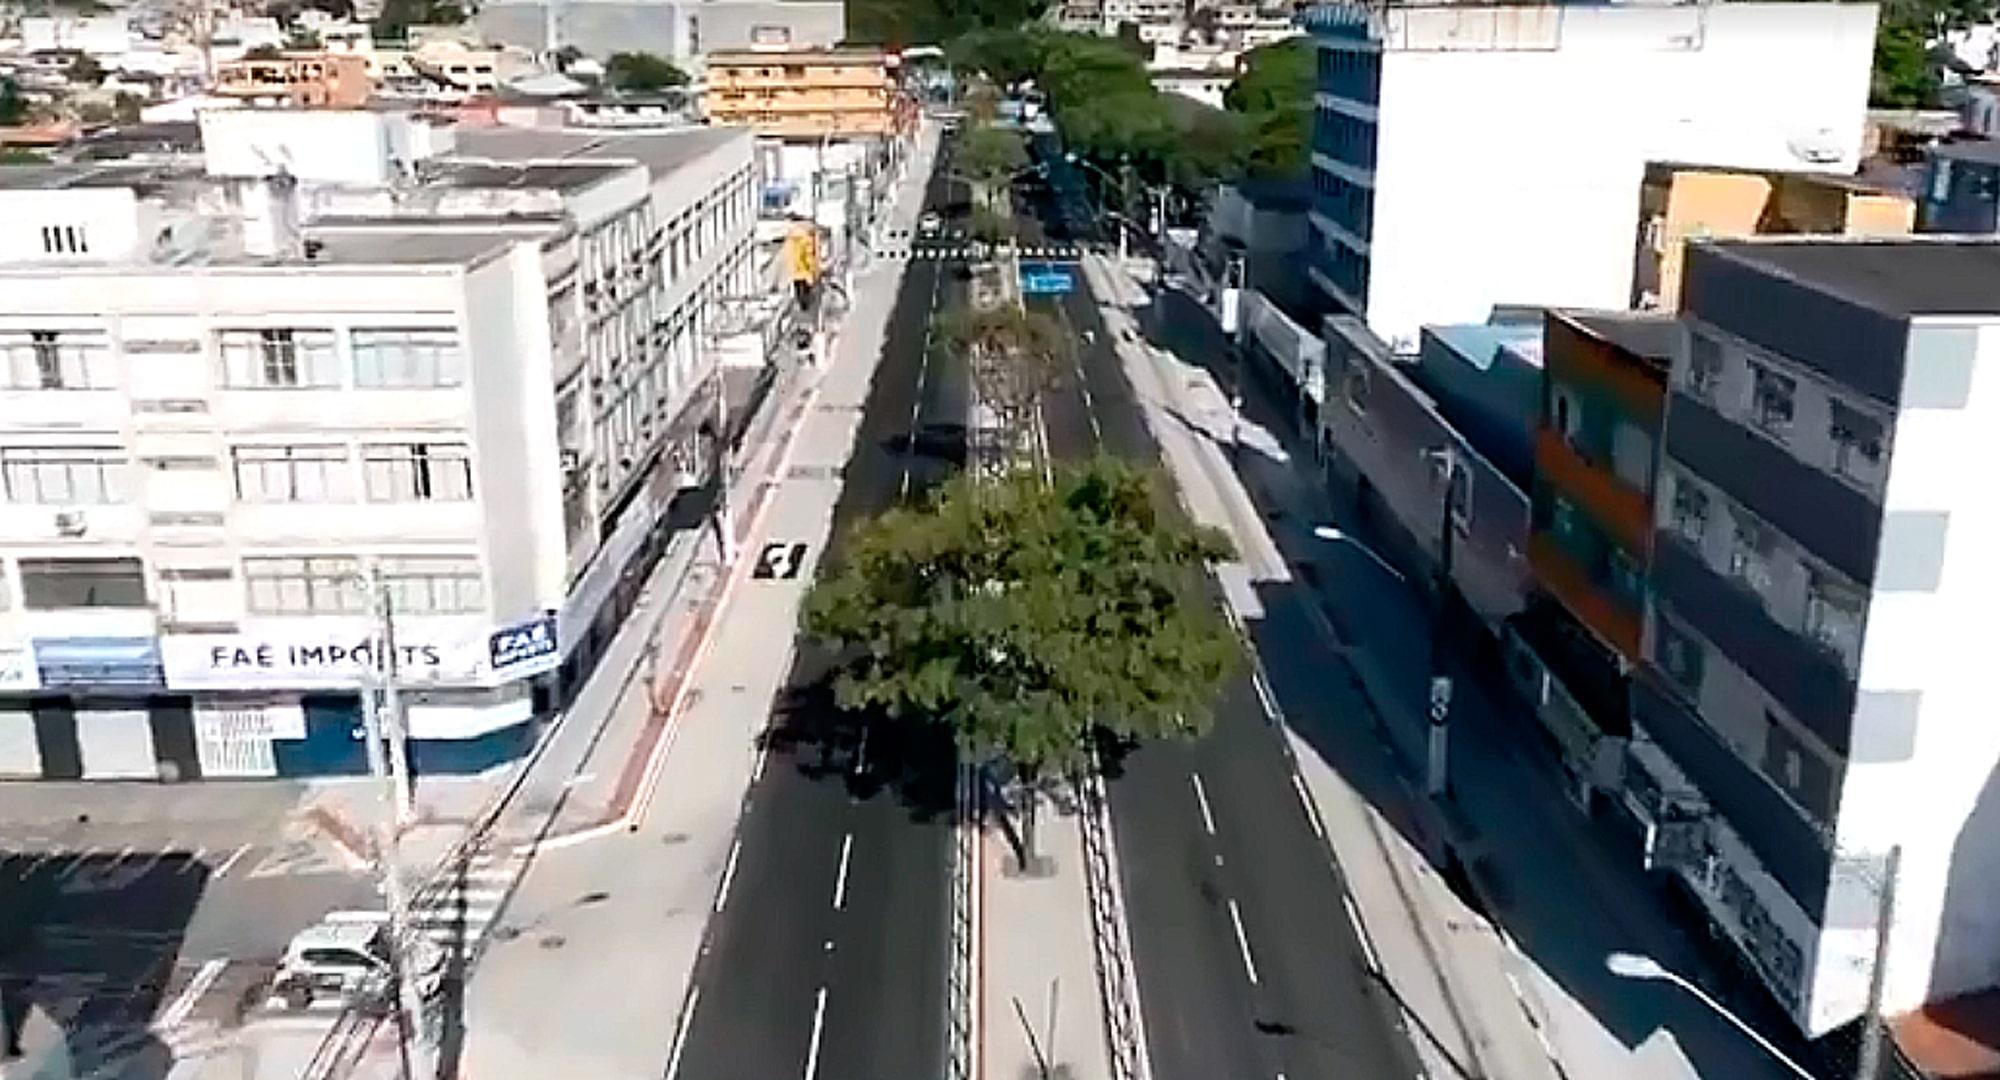 Avenida Vitória incorpora conceitos atuais de mobilidade urbana: ciclovia no canteiro central, pista de concreto para ônibus e calçada cidadã, no nível da rua Crédito: Divulgação